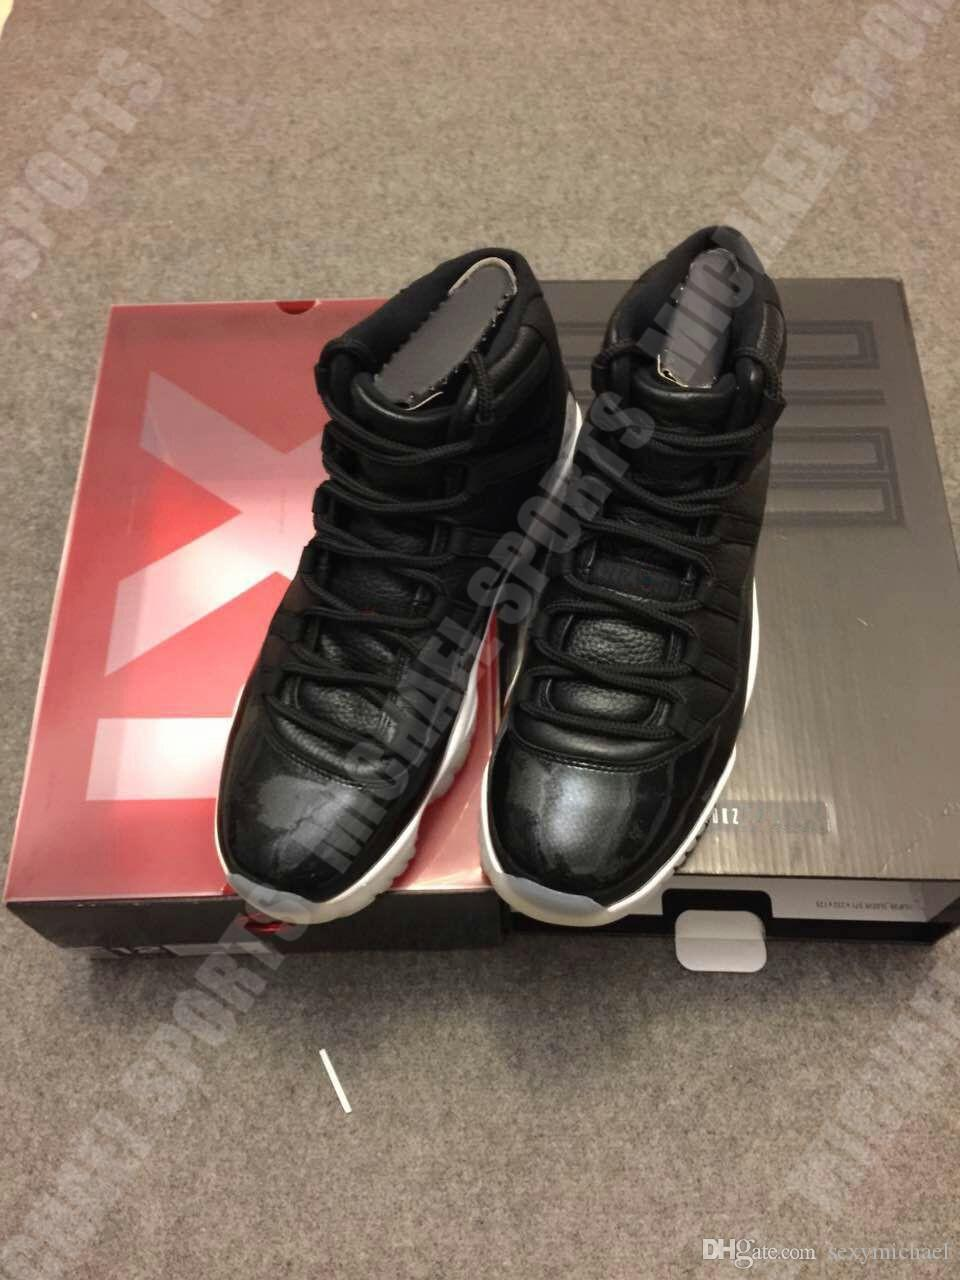 11 72 10 11S баскетбол обувь классические кроссовки для мужчин женщин идеальный углеродного волокна OG заводская версия Майкл Спорт